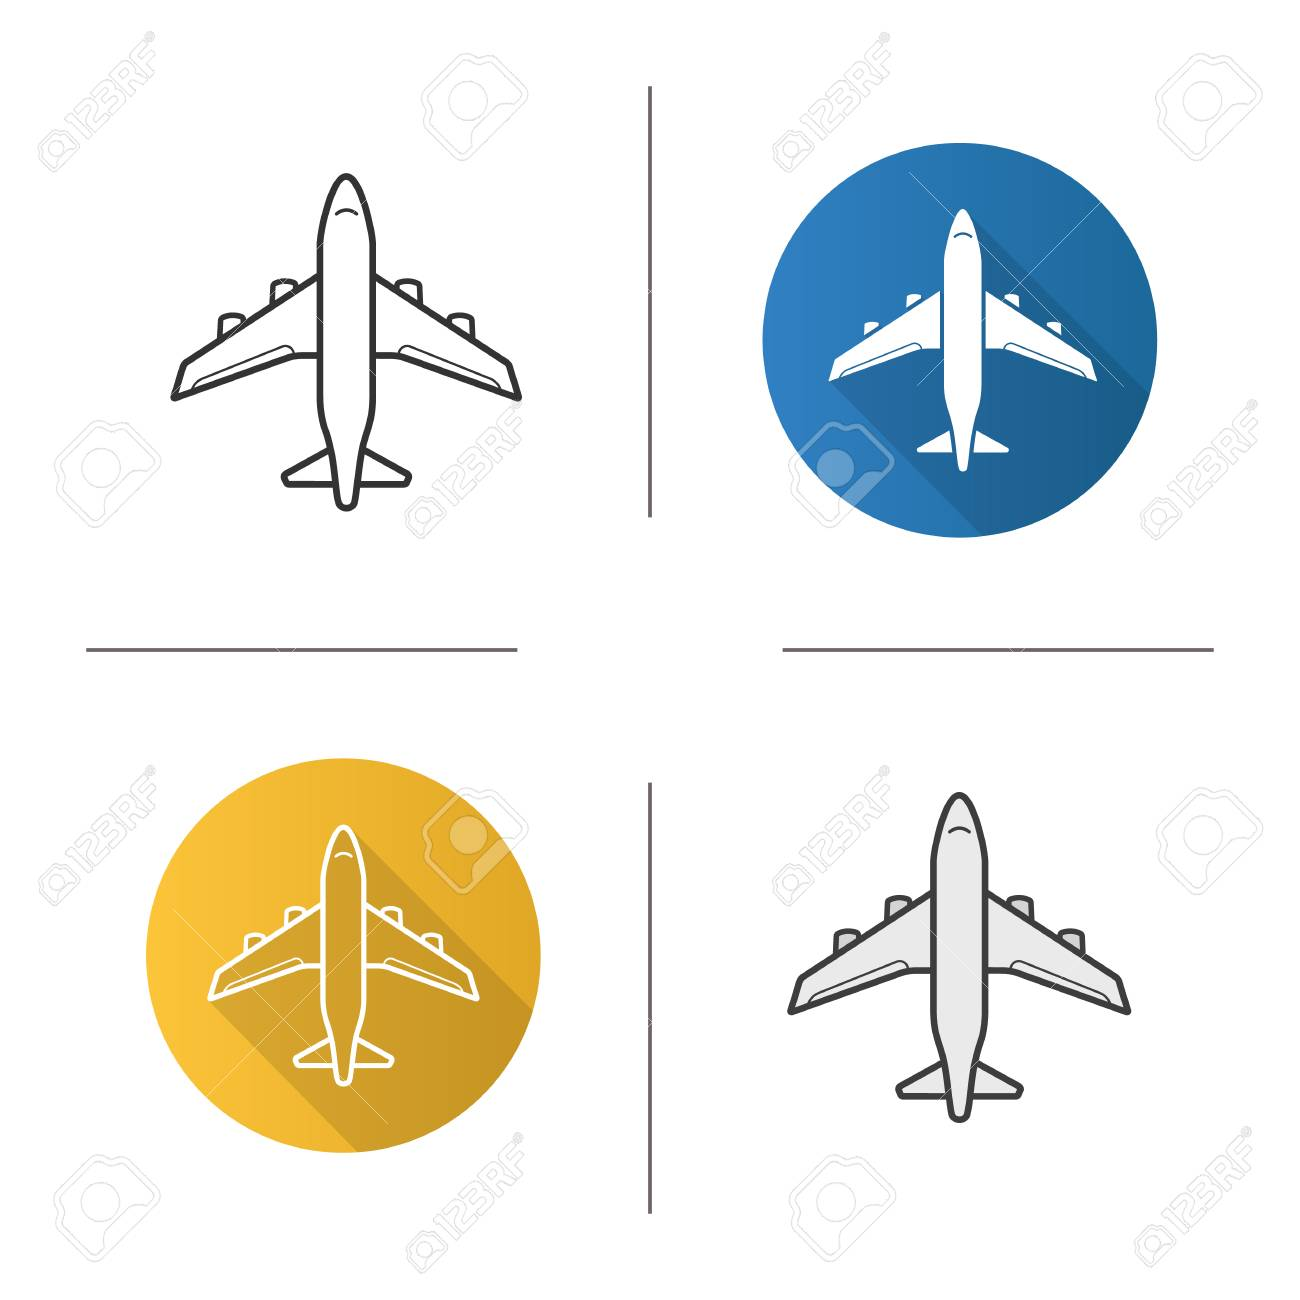 Icono De Avión Diseño Plano, Estilos Lineales Y De Color. Vuelo En ...